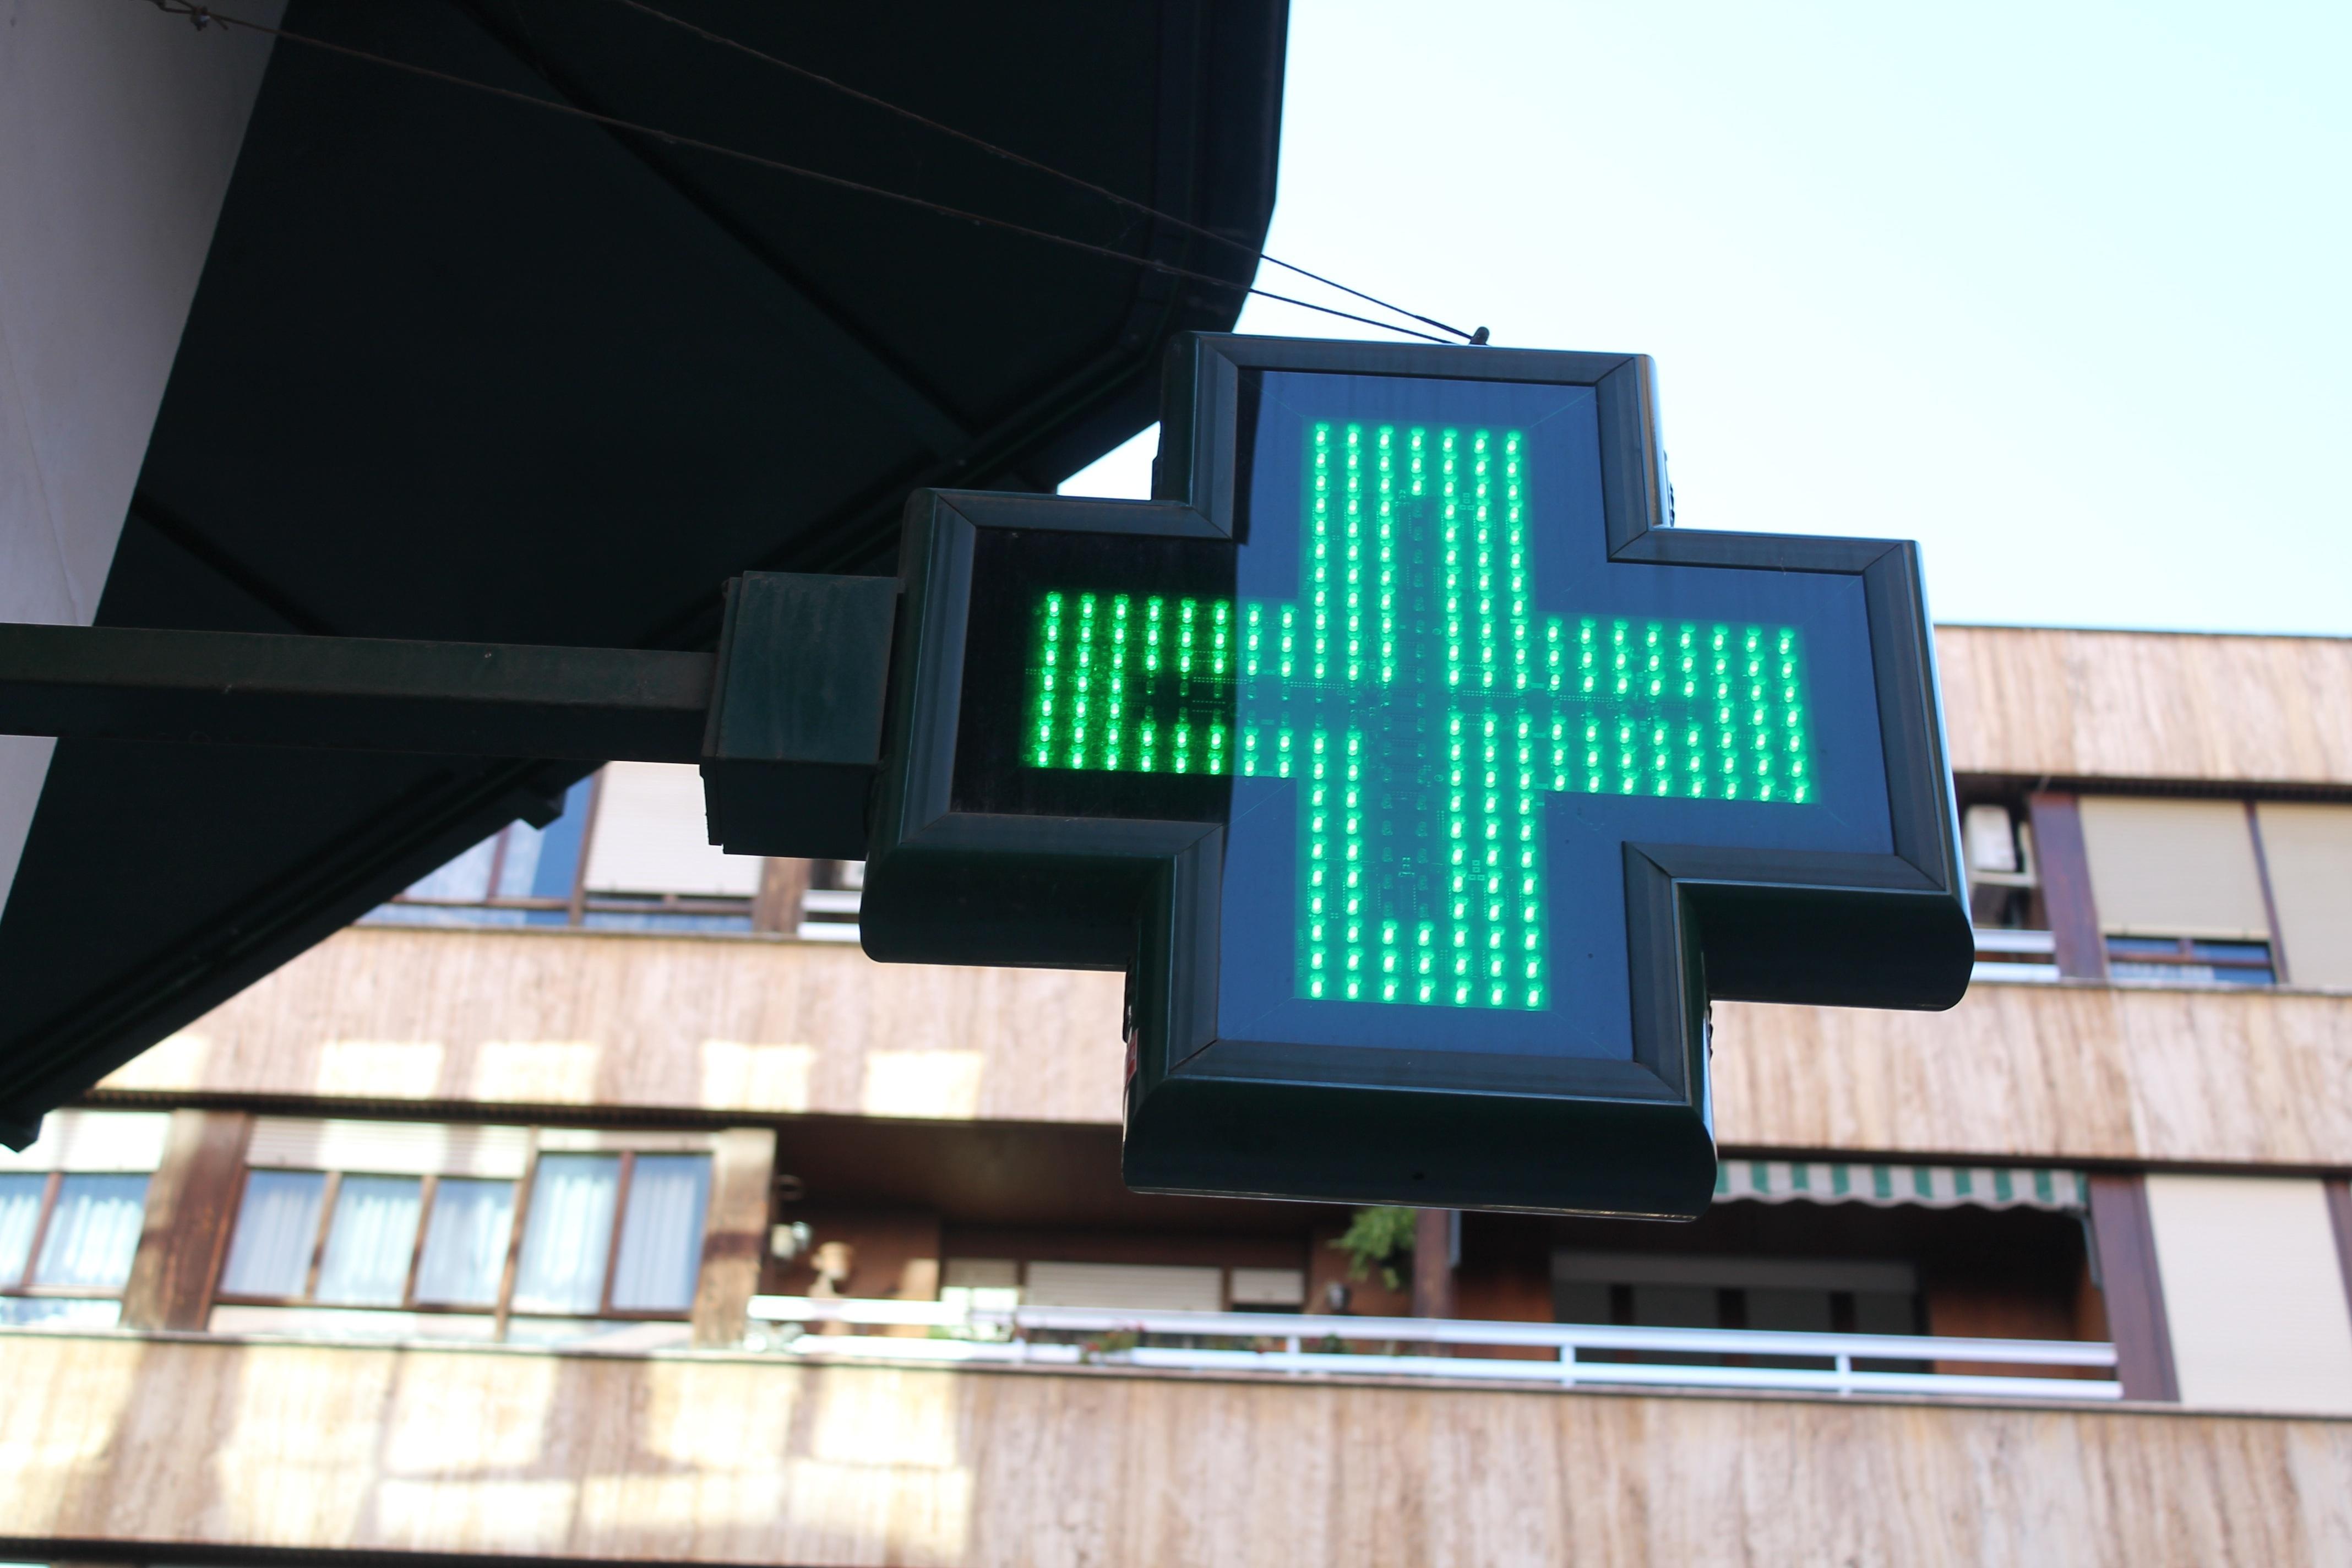 La Generalitat abona 56 millones a las farmacias de la Comunidad Valenciana